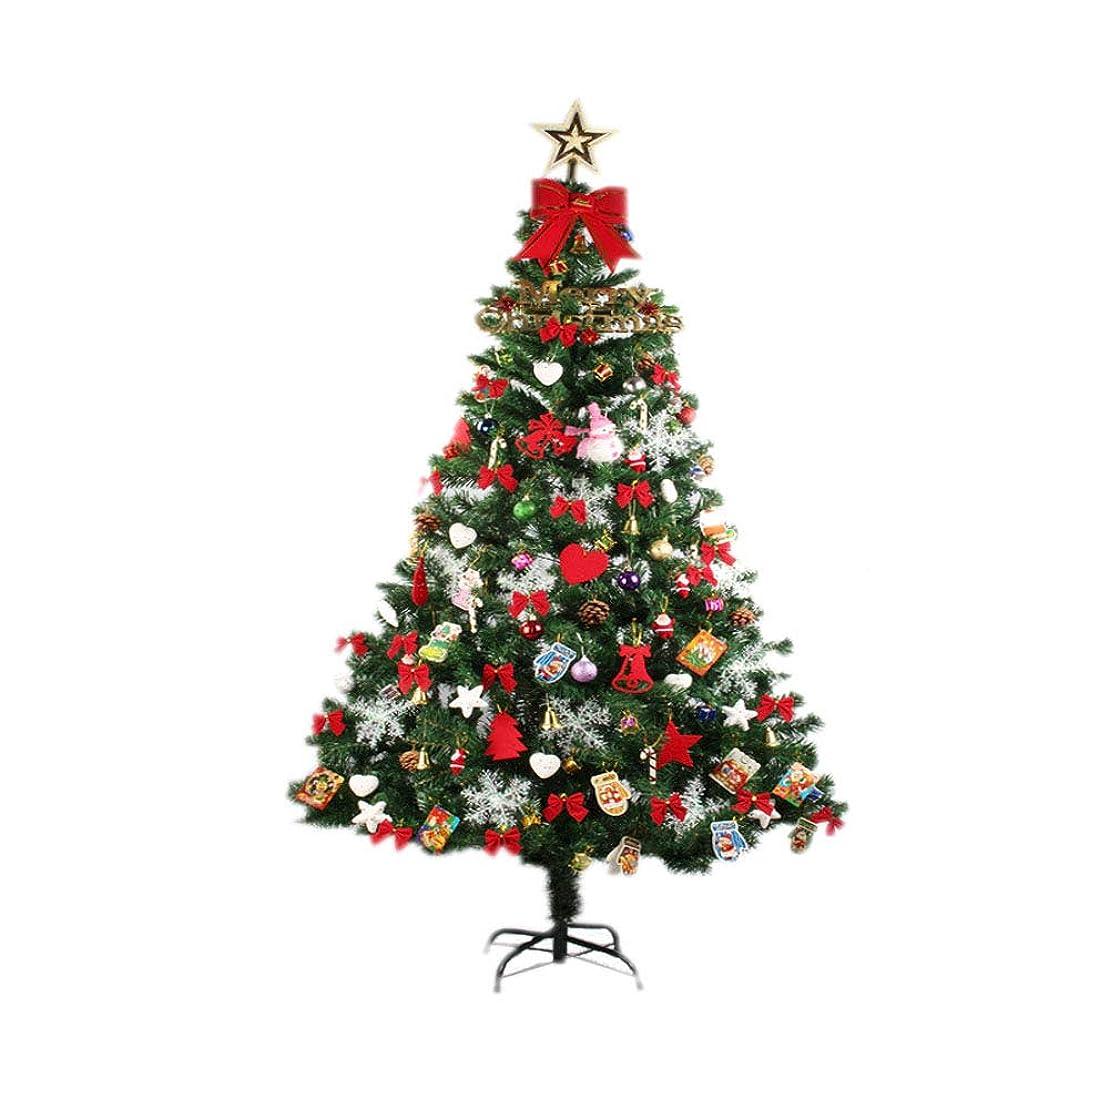 ドアミラー範囲資本クリスマスツリー セット150cm ミックス色 LEDイルミネーションライト オーナメント15種付き